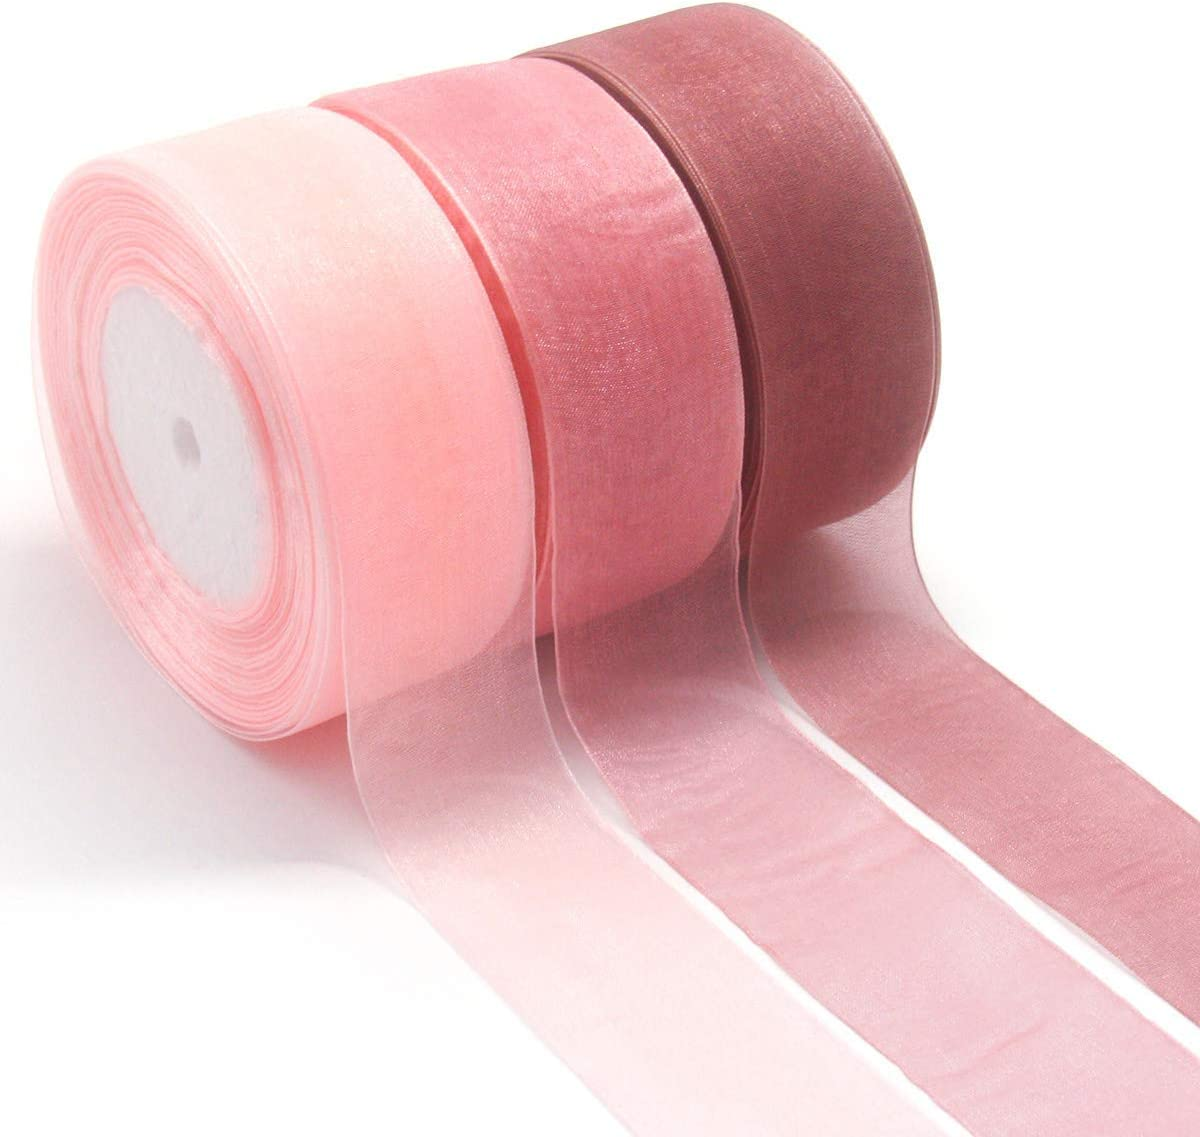 Gshy - Cinta de Seda Pura Rosa Ribbon para Regalo de Boda, Paquete de Regalo de San Valentín, Ramos de Regalo de cumpleaños, Baby Shower, decoración de Tela, 4 cm x 45 m, 3 Unidades